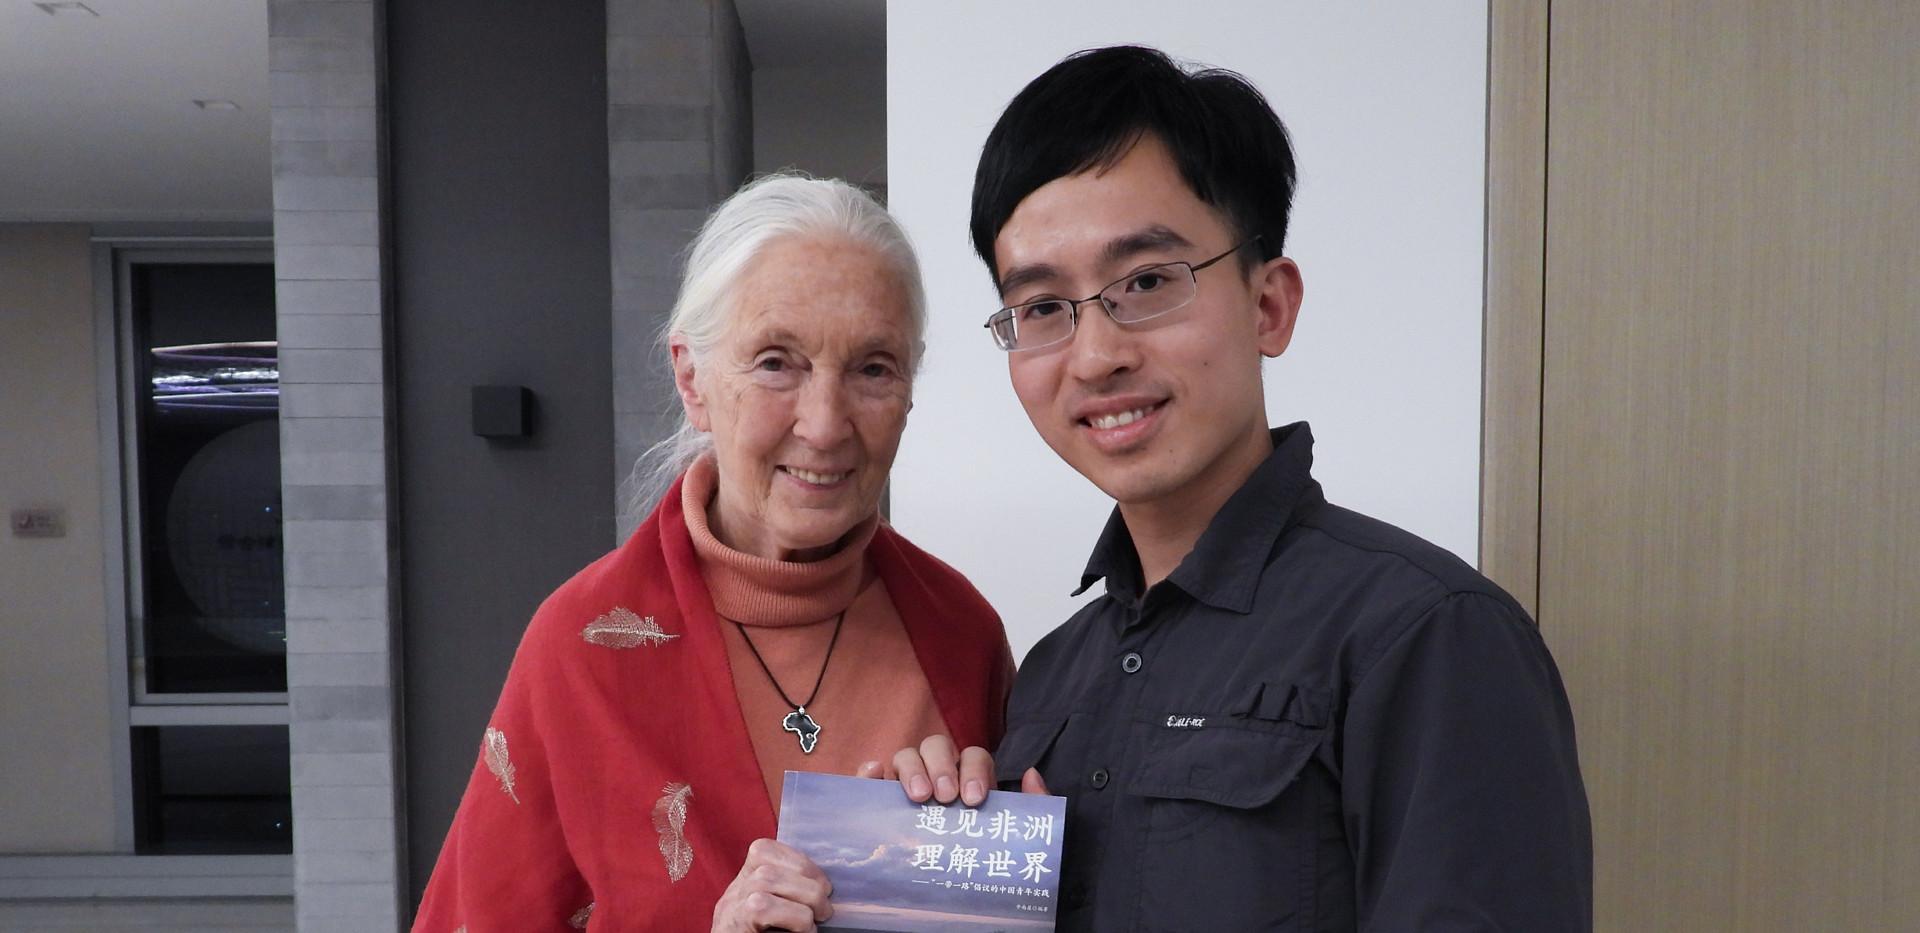 黄老师与Jane.jpg